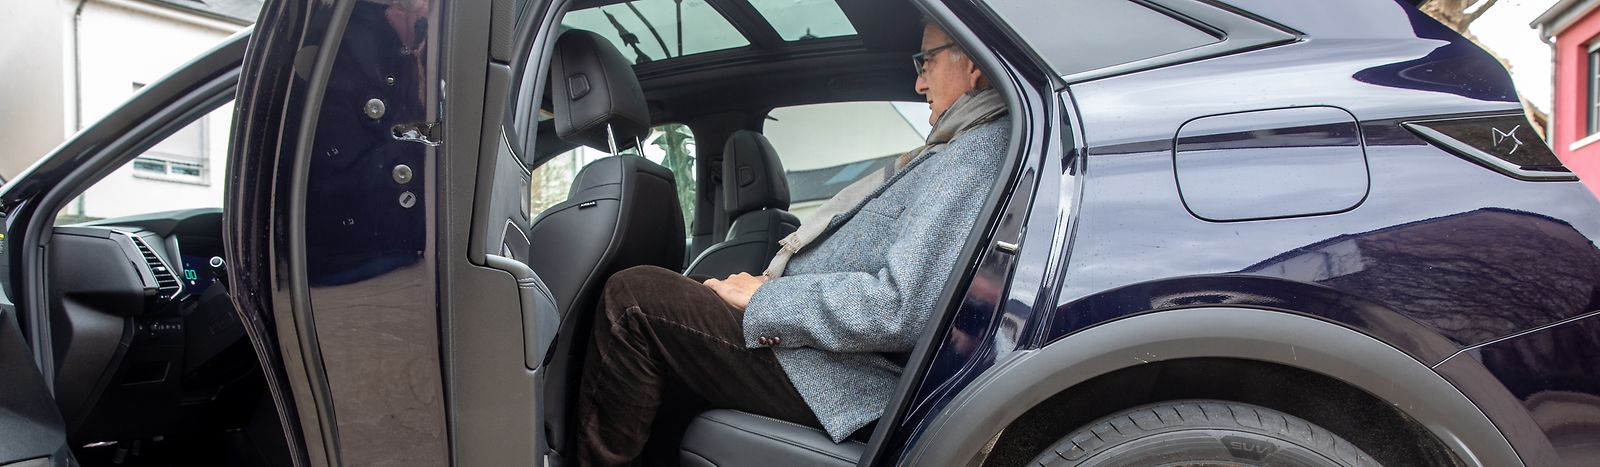 Im Heck lässt es sich dank verstellbarer Rücksitzlehne bequem reisen.